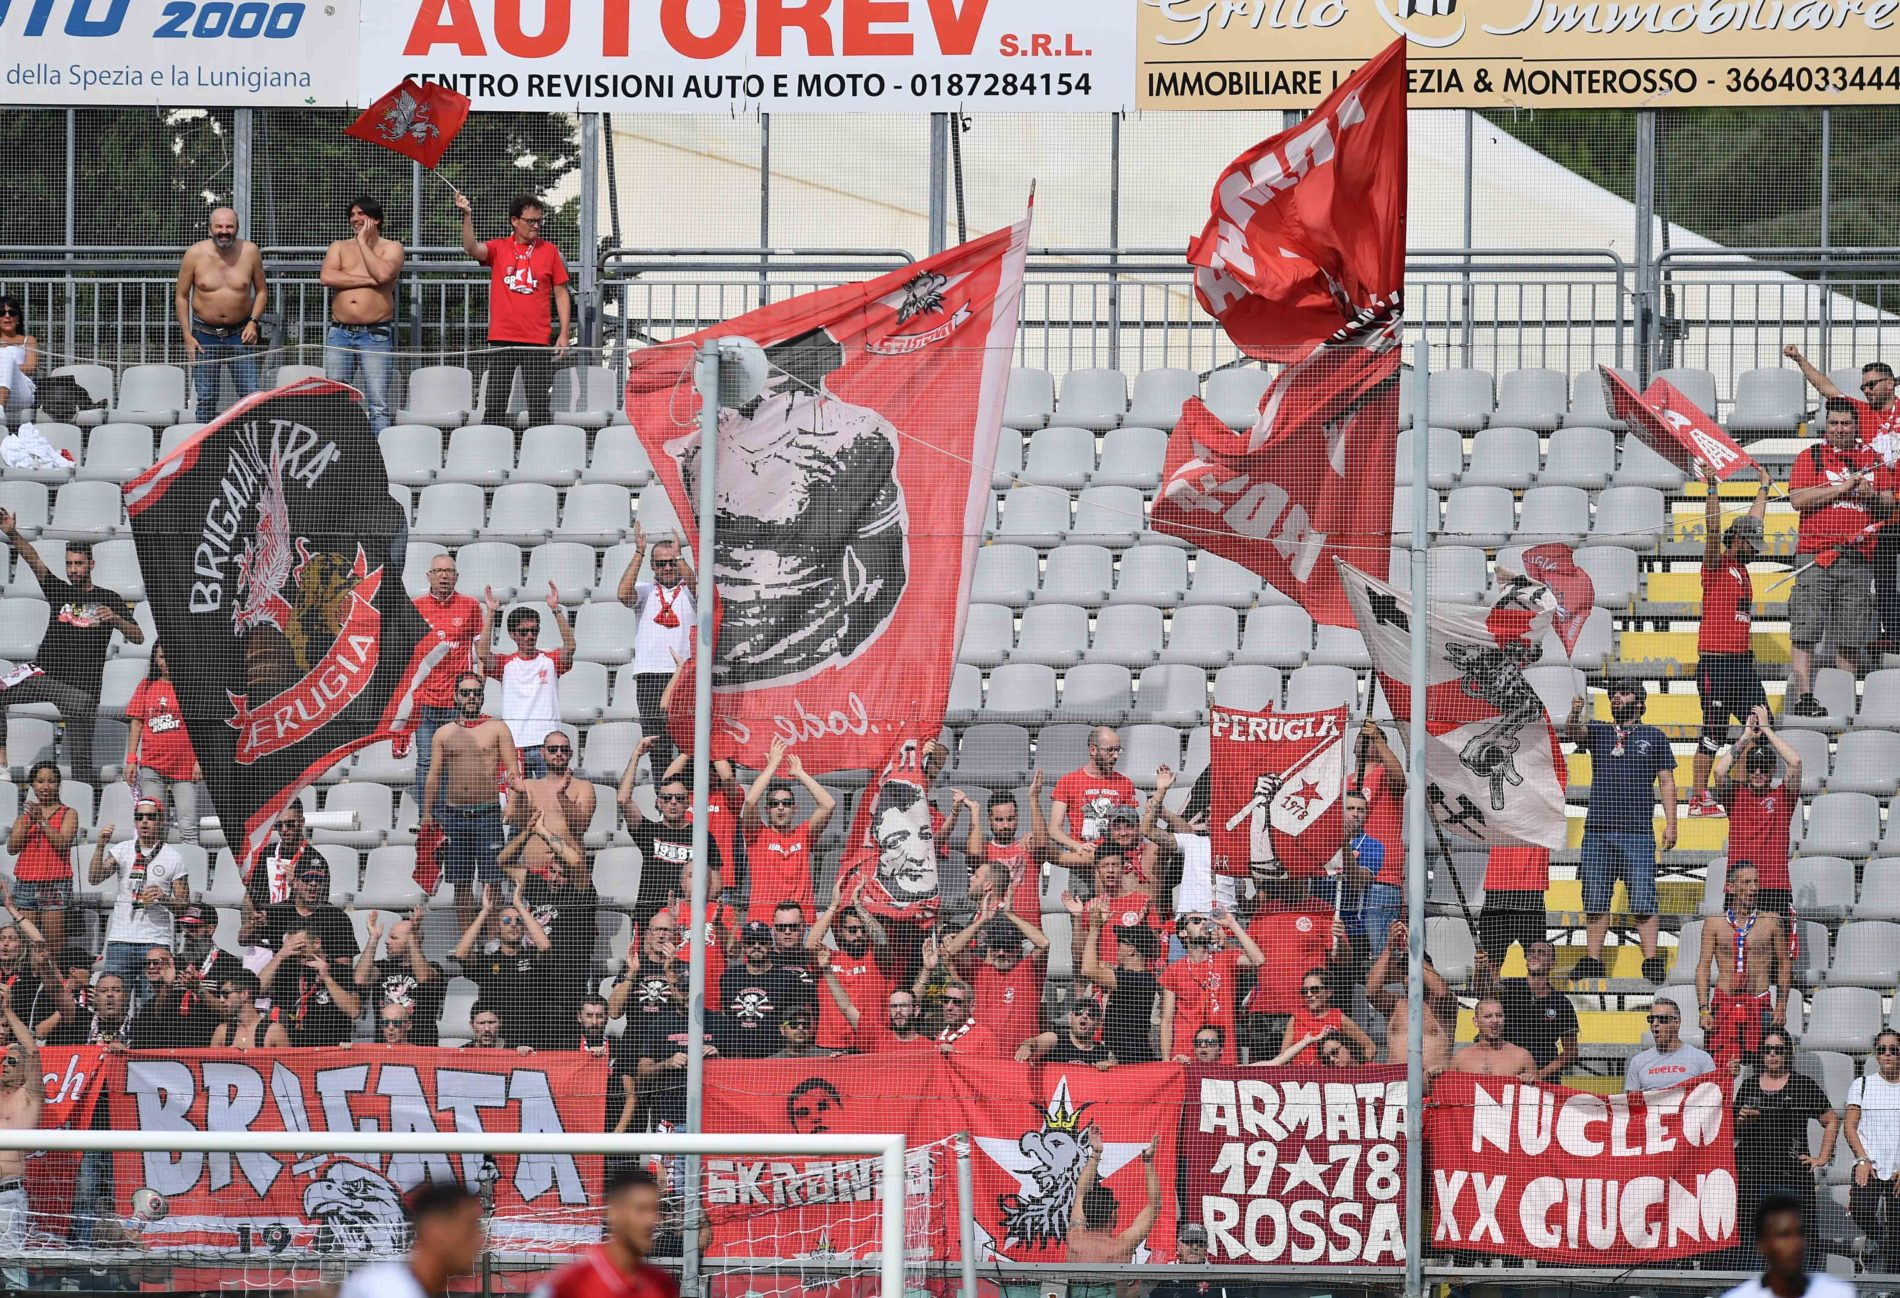 Pordenone-Perugia, la prevendita per la Dacia Arena è attiva - Calcio Grifo